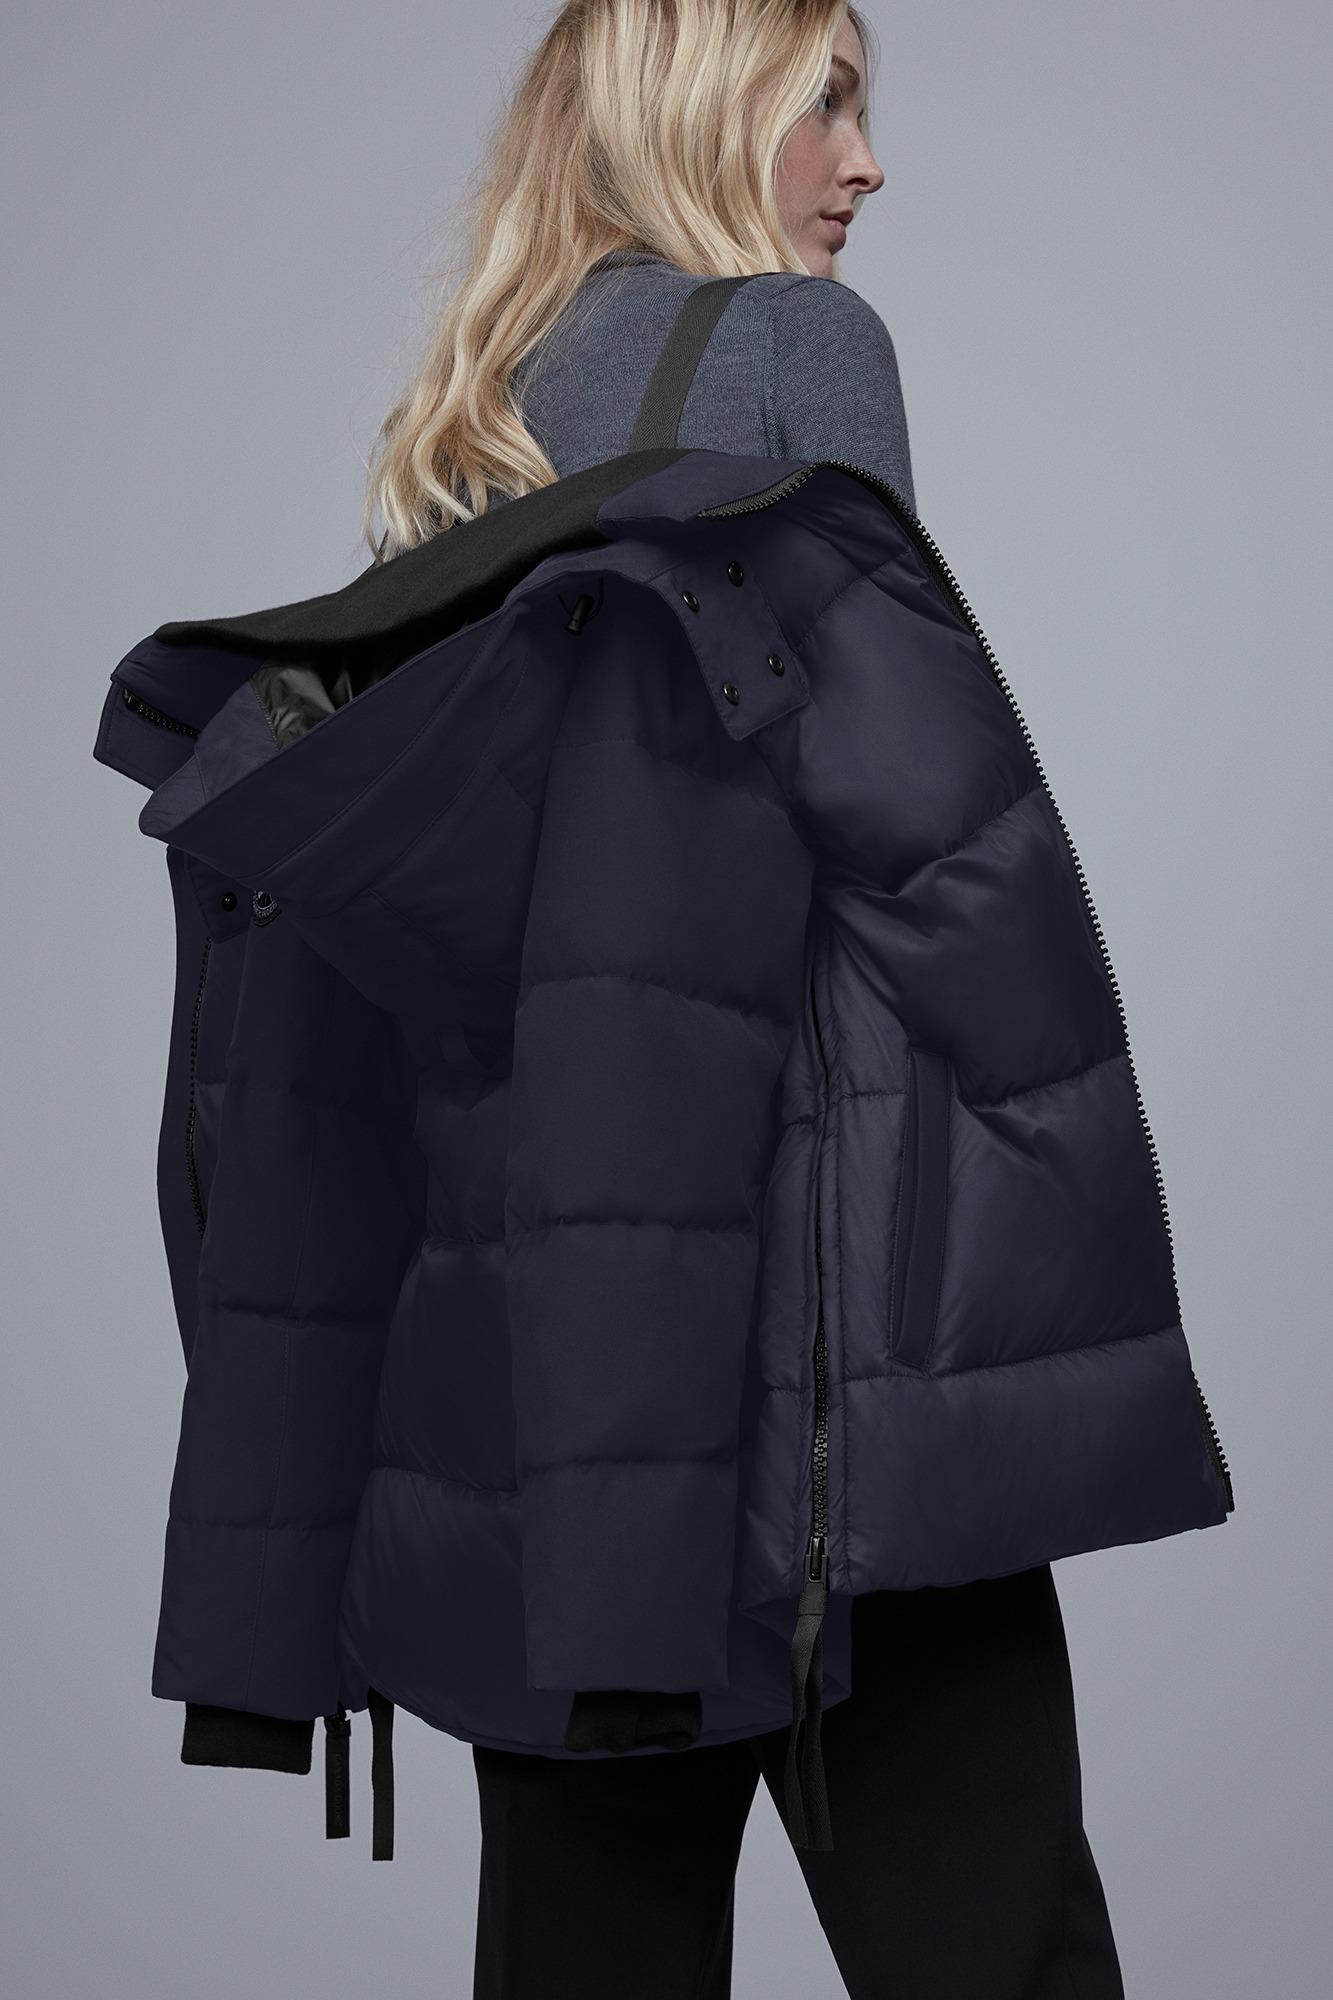 d1d0035f0eb Women's Whitehorse Parka Black Label | Canada Goose®